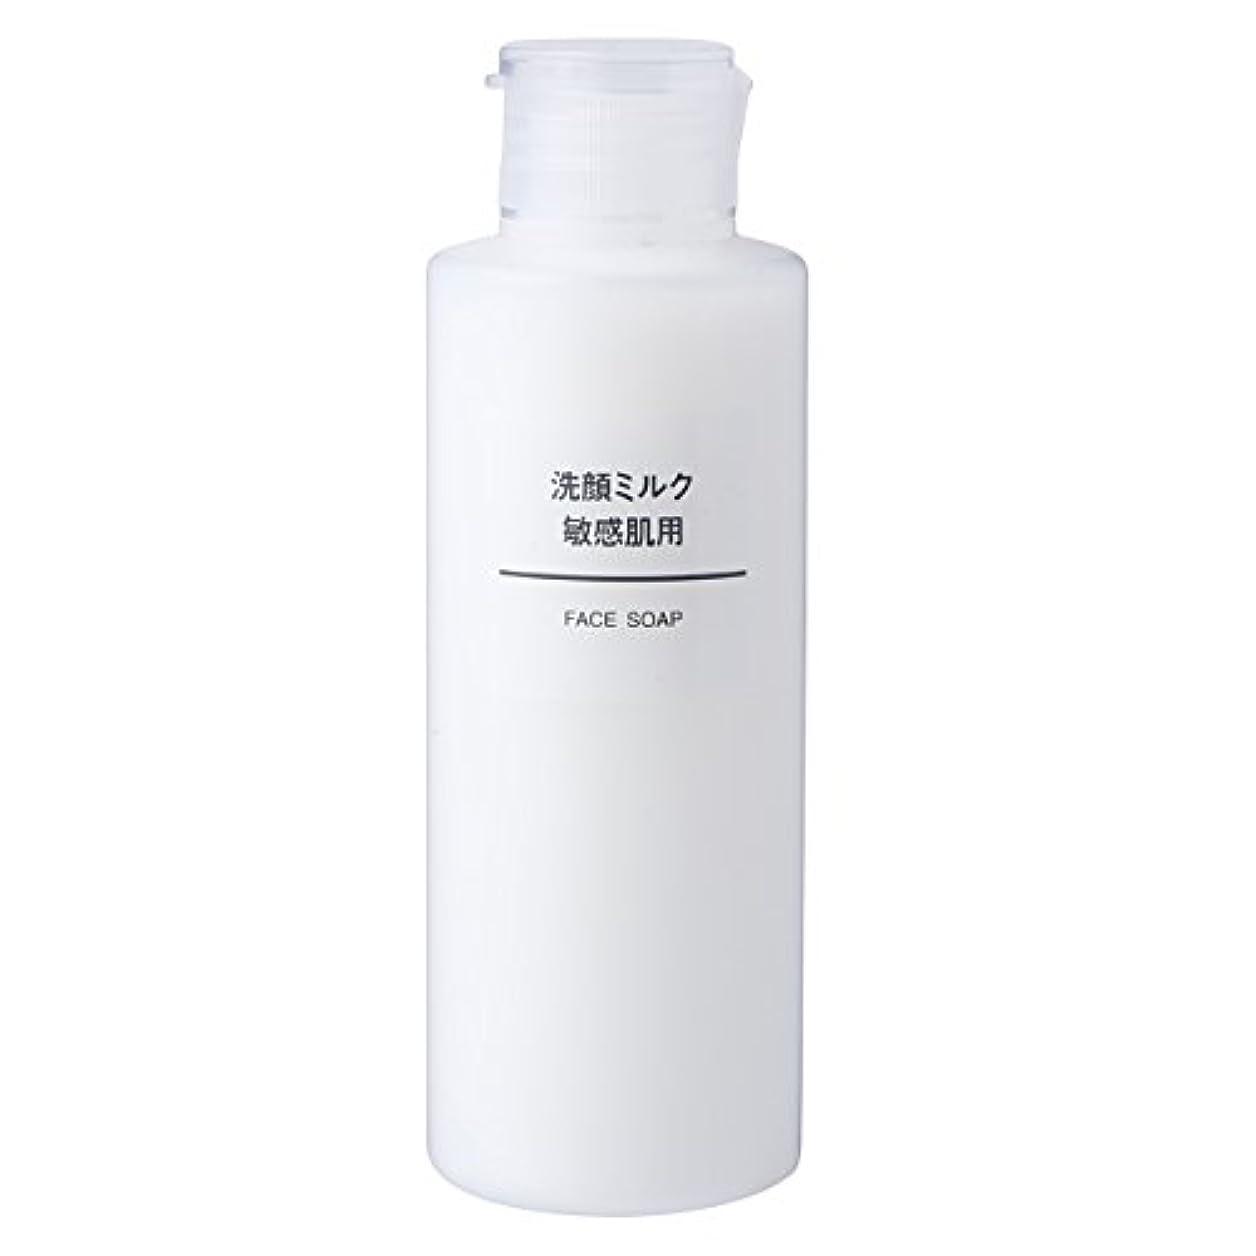 マイルド振る舞う優しさ無印良品 洗顔ミルク 敏感肌用 150ml